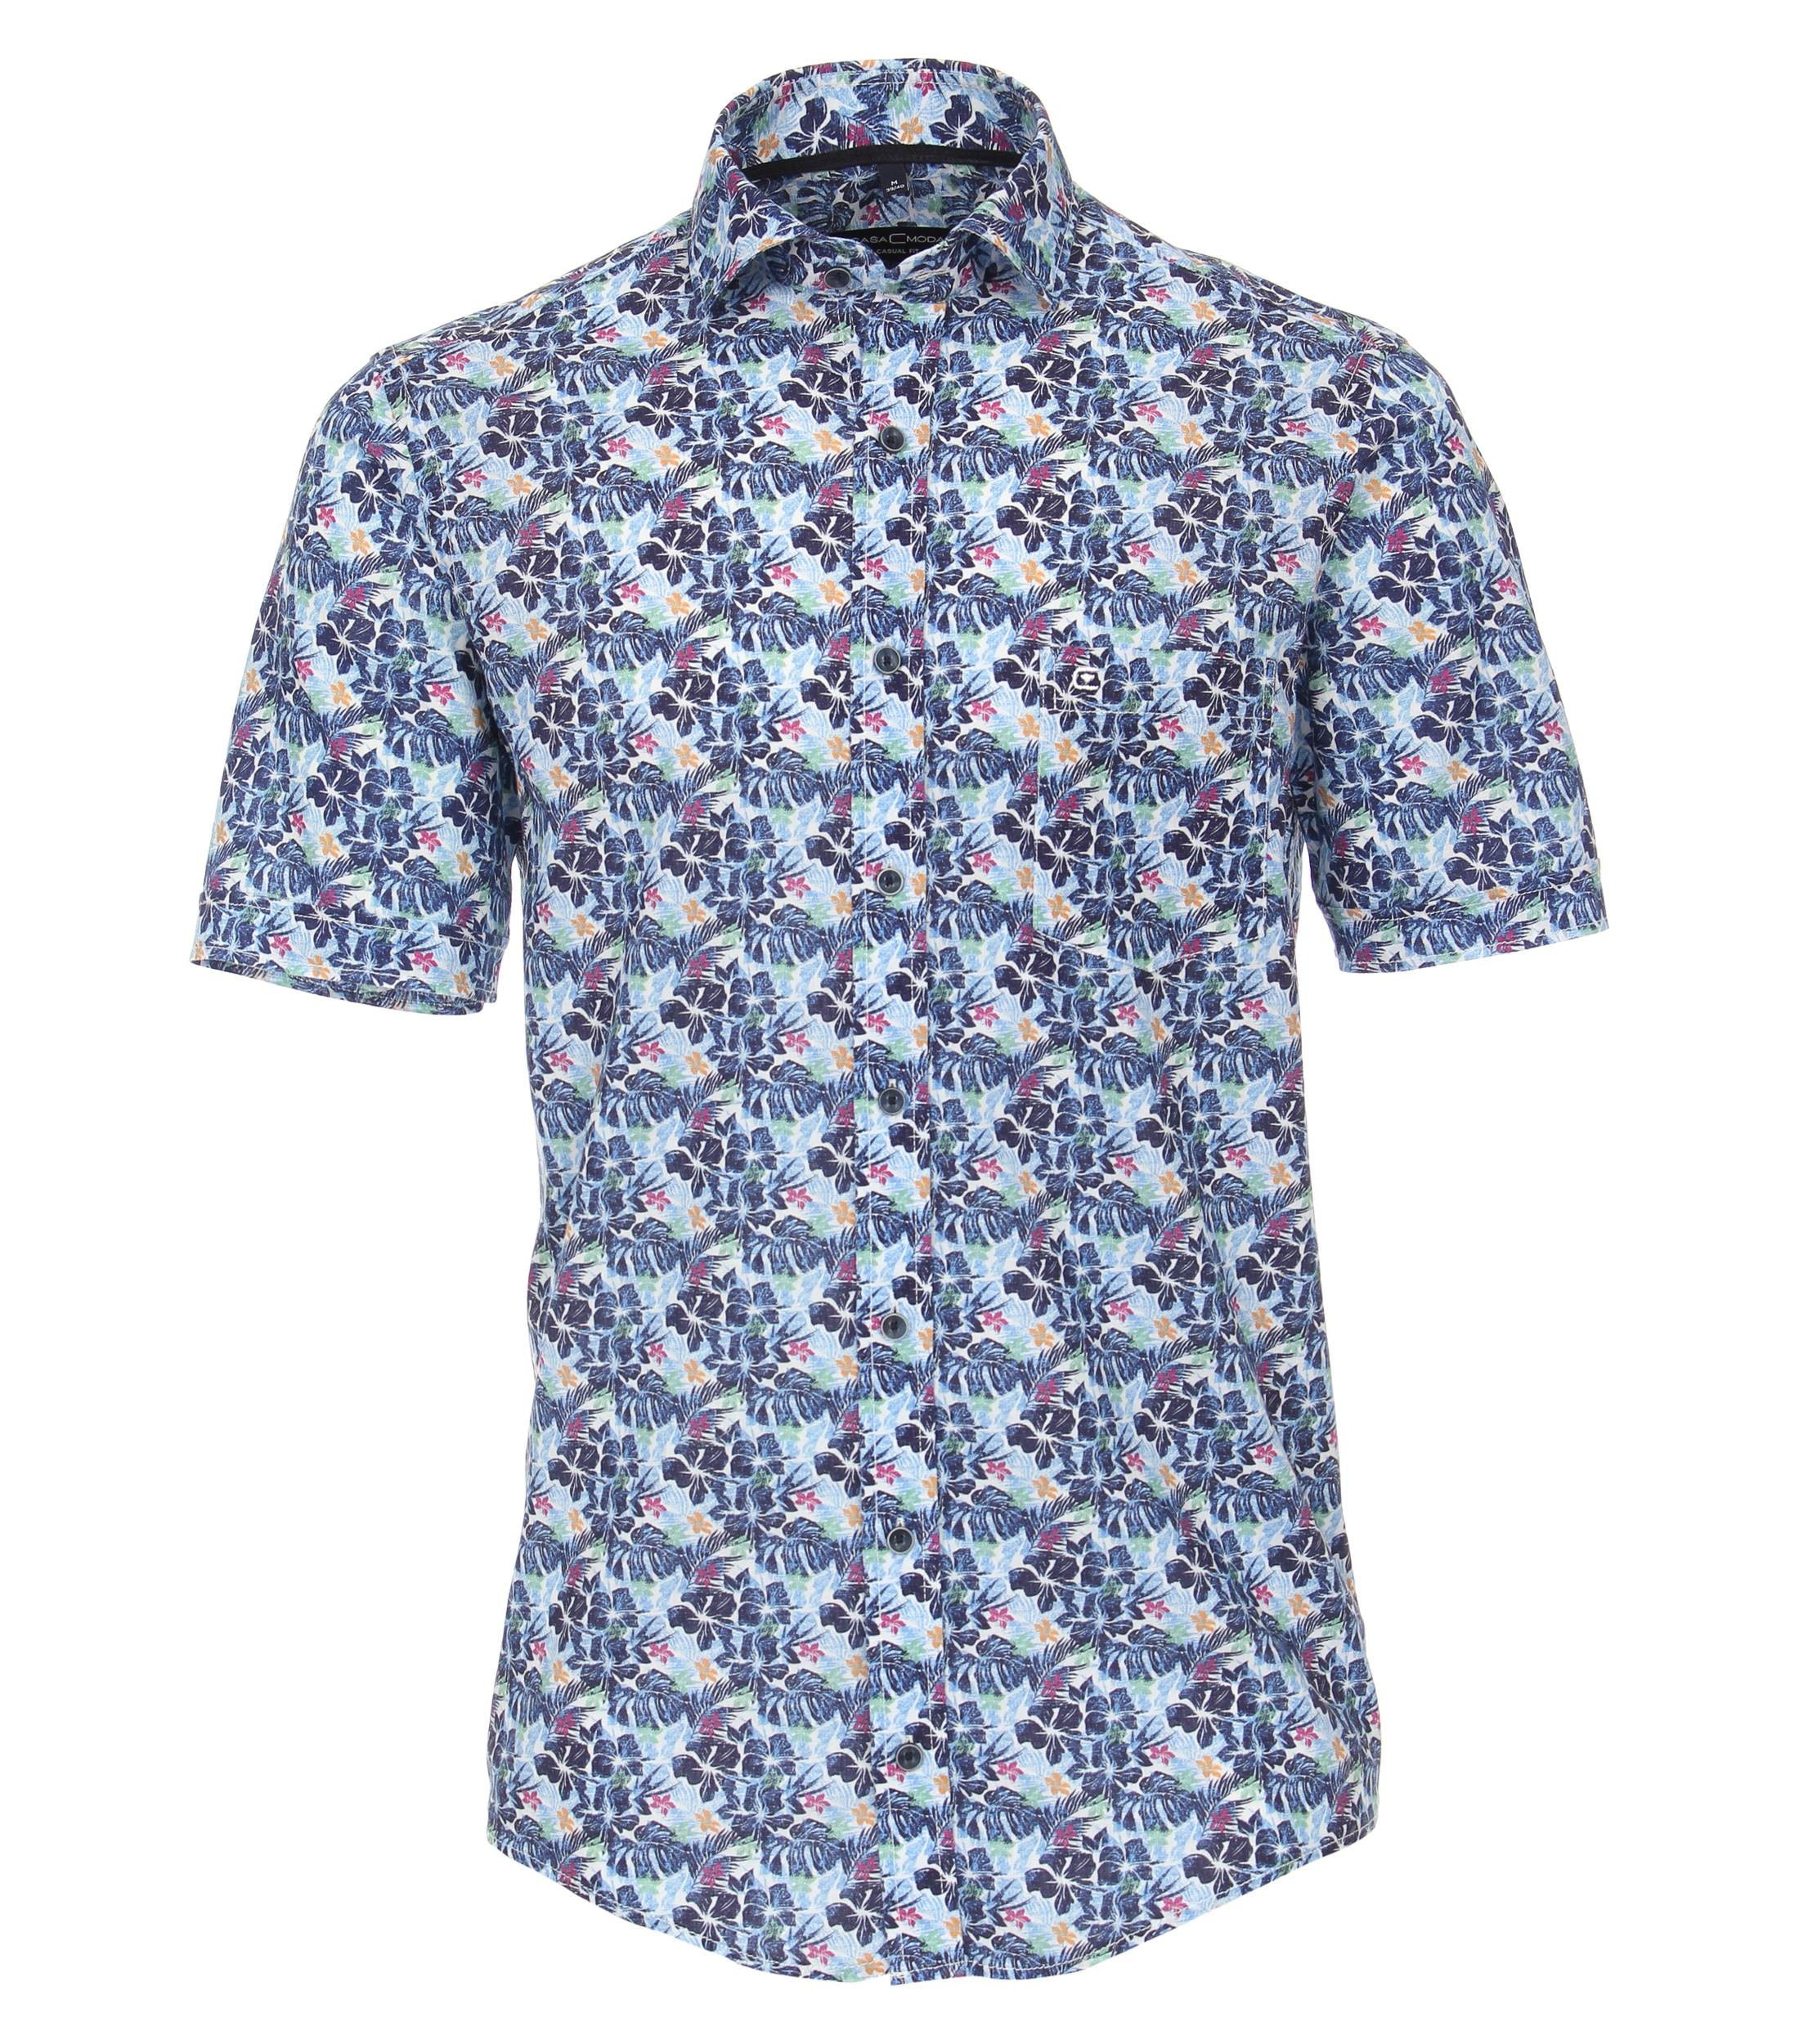 overhemd met print van merk CASA MODA in de kleur blauw, gemaakt van 70% katoen, 30% linnen. Dit modieuze vrijetijdsshirt scoort met een hoogwaardige linnen-katoenmix die zeer comfortabel is om te dragen. De bloemenprint is een echte blikvanger die elke outfit in de schijnwerpers zet. Met jeans of chino, met dit shirt wordt elke outfit een echte blikvanger.